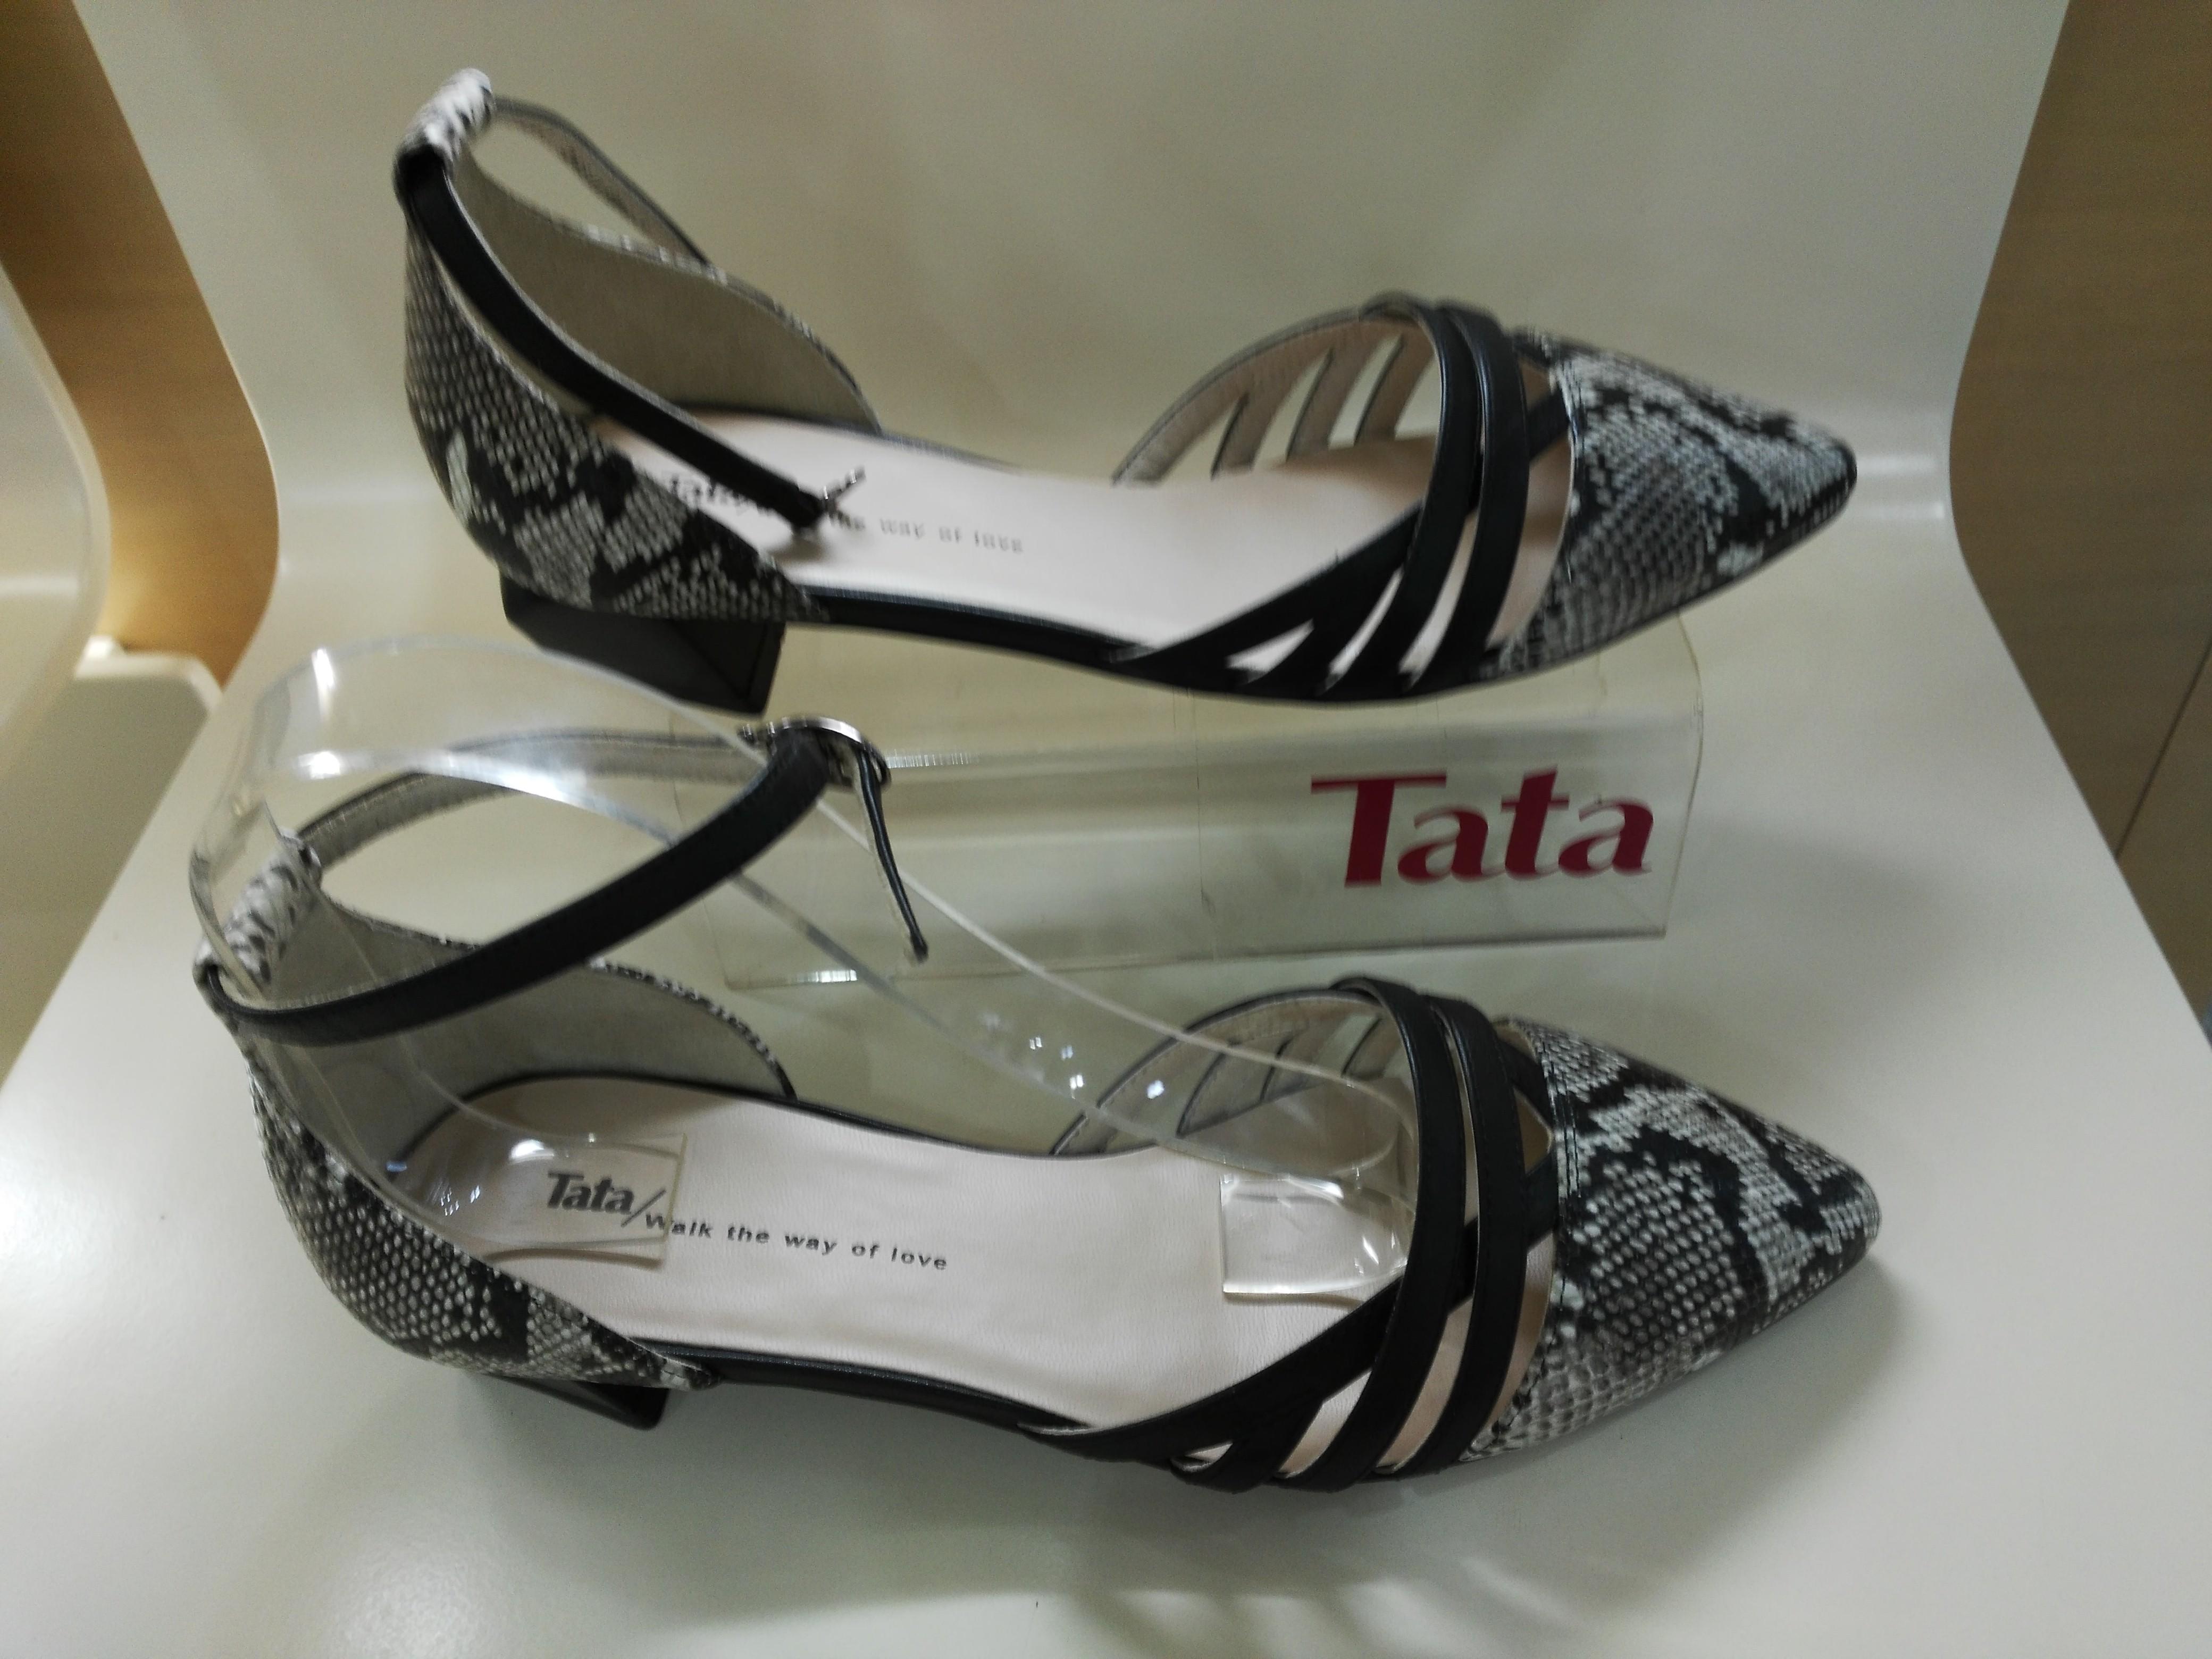 他她尖头鞋 专柜正品代购Tata他她2016年春款单鞋尖头牛皮 2OB01D 2OB01_推荐淘宝好看的他她尖头鞋